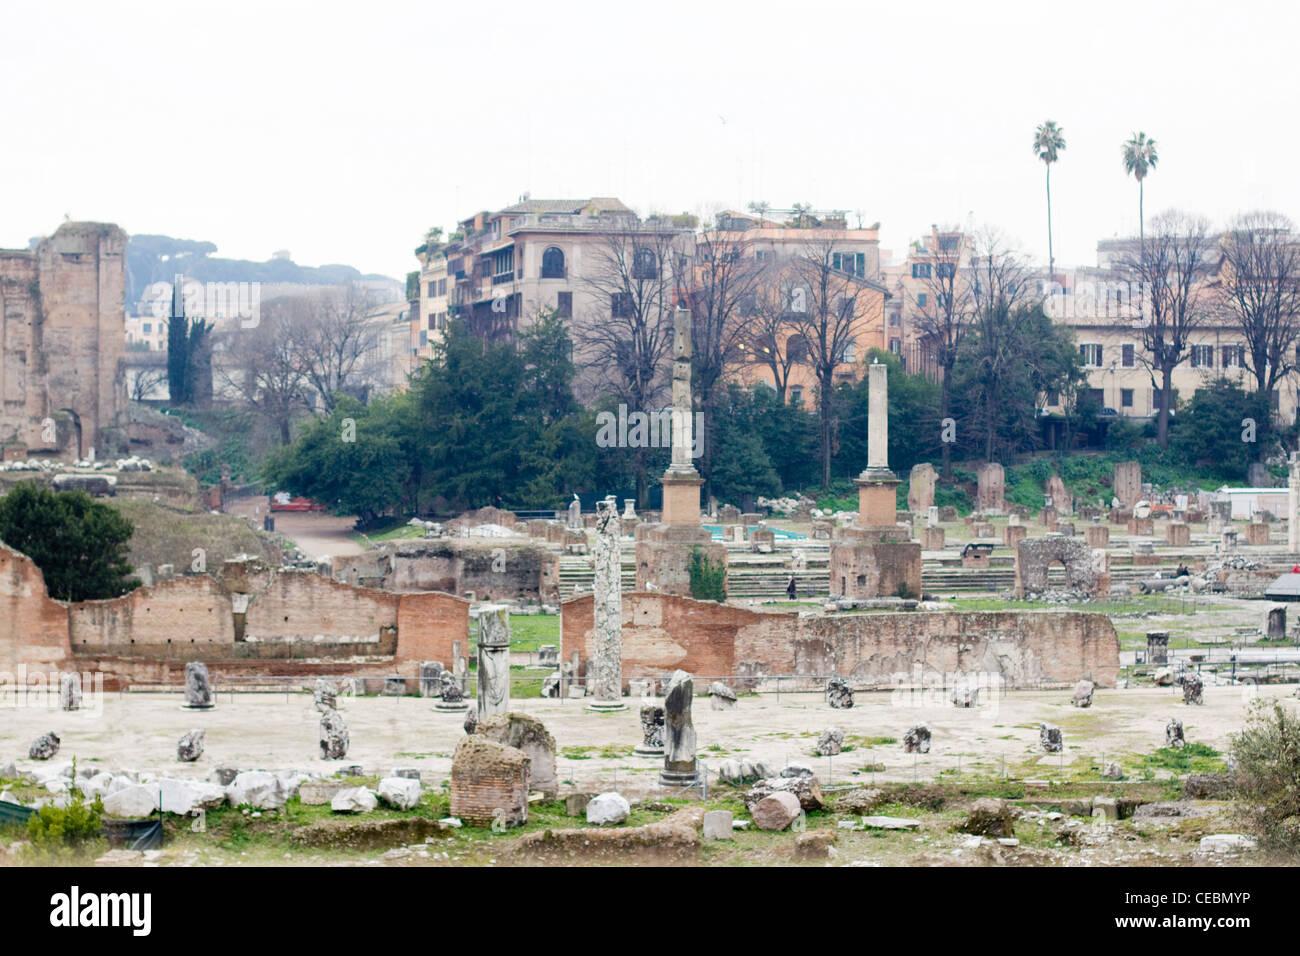 Römische Forum Ruins of diverse wichtige alte Regierungsgebäude in der Mitte der Stadt von Rom. Stockbild